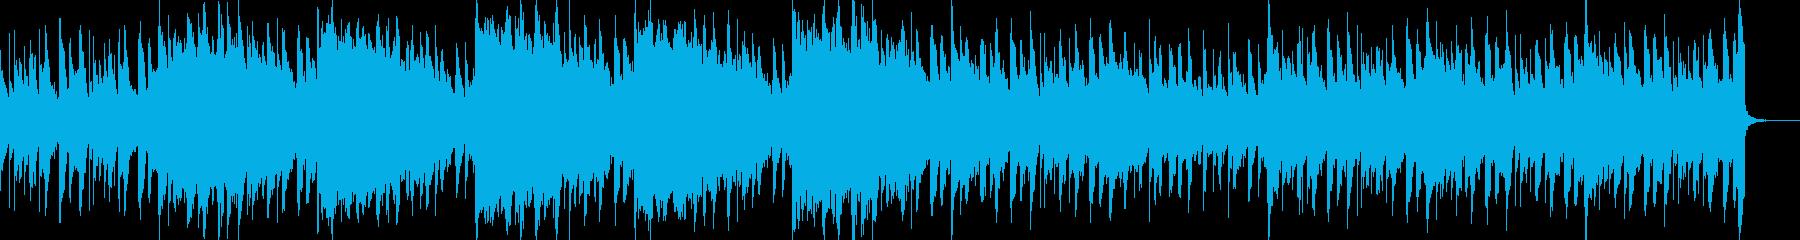 楽しい・のどか アコギ・フルート・ピアノの再生済みの波形